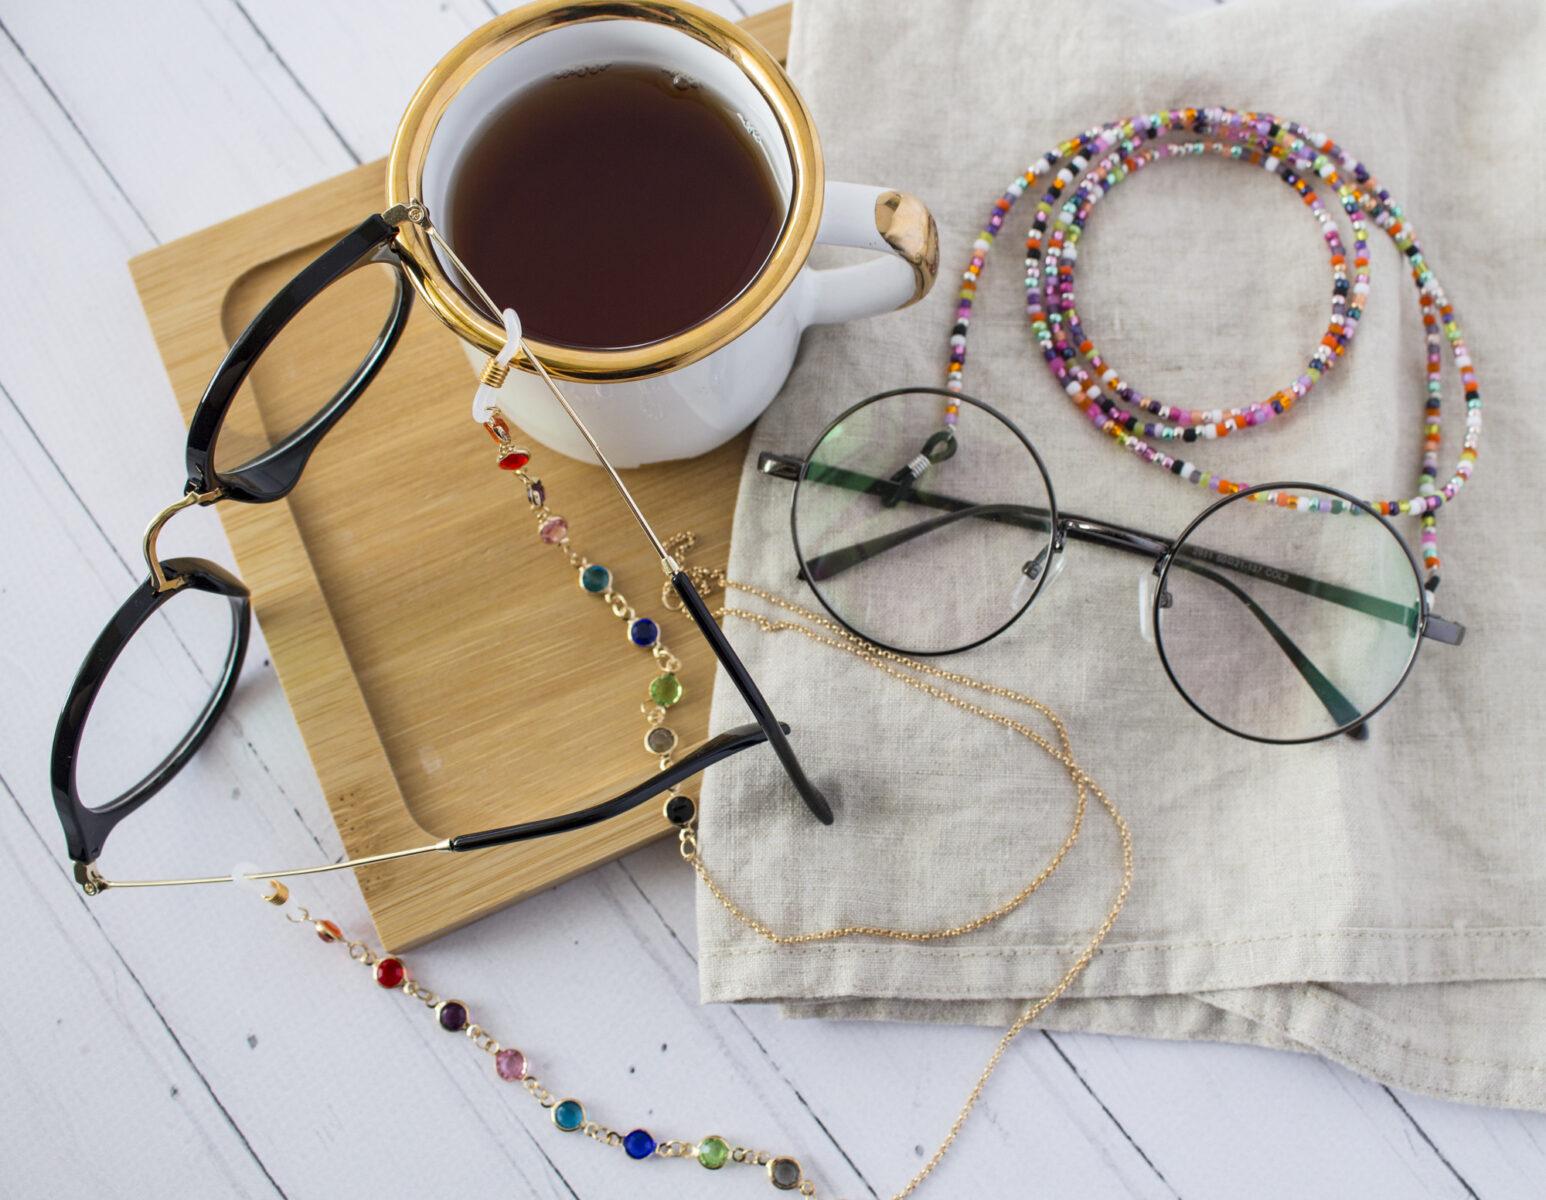 Pomysły na prezent dla babci DIY